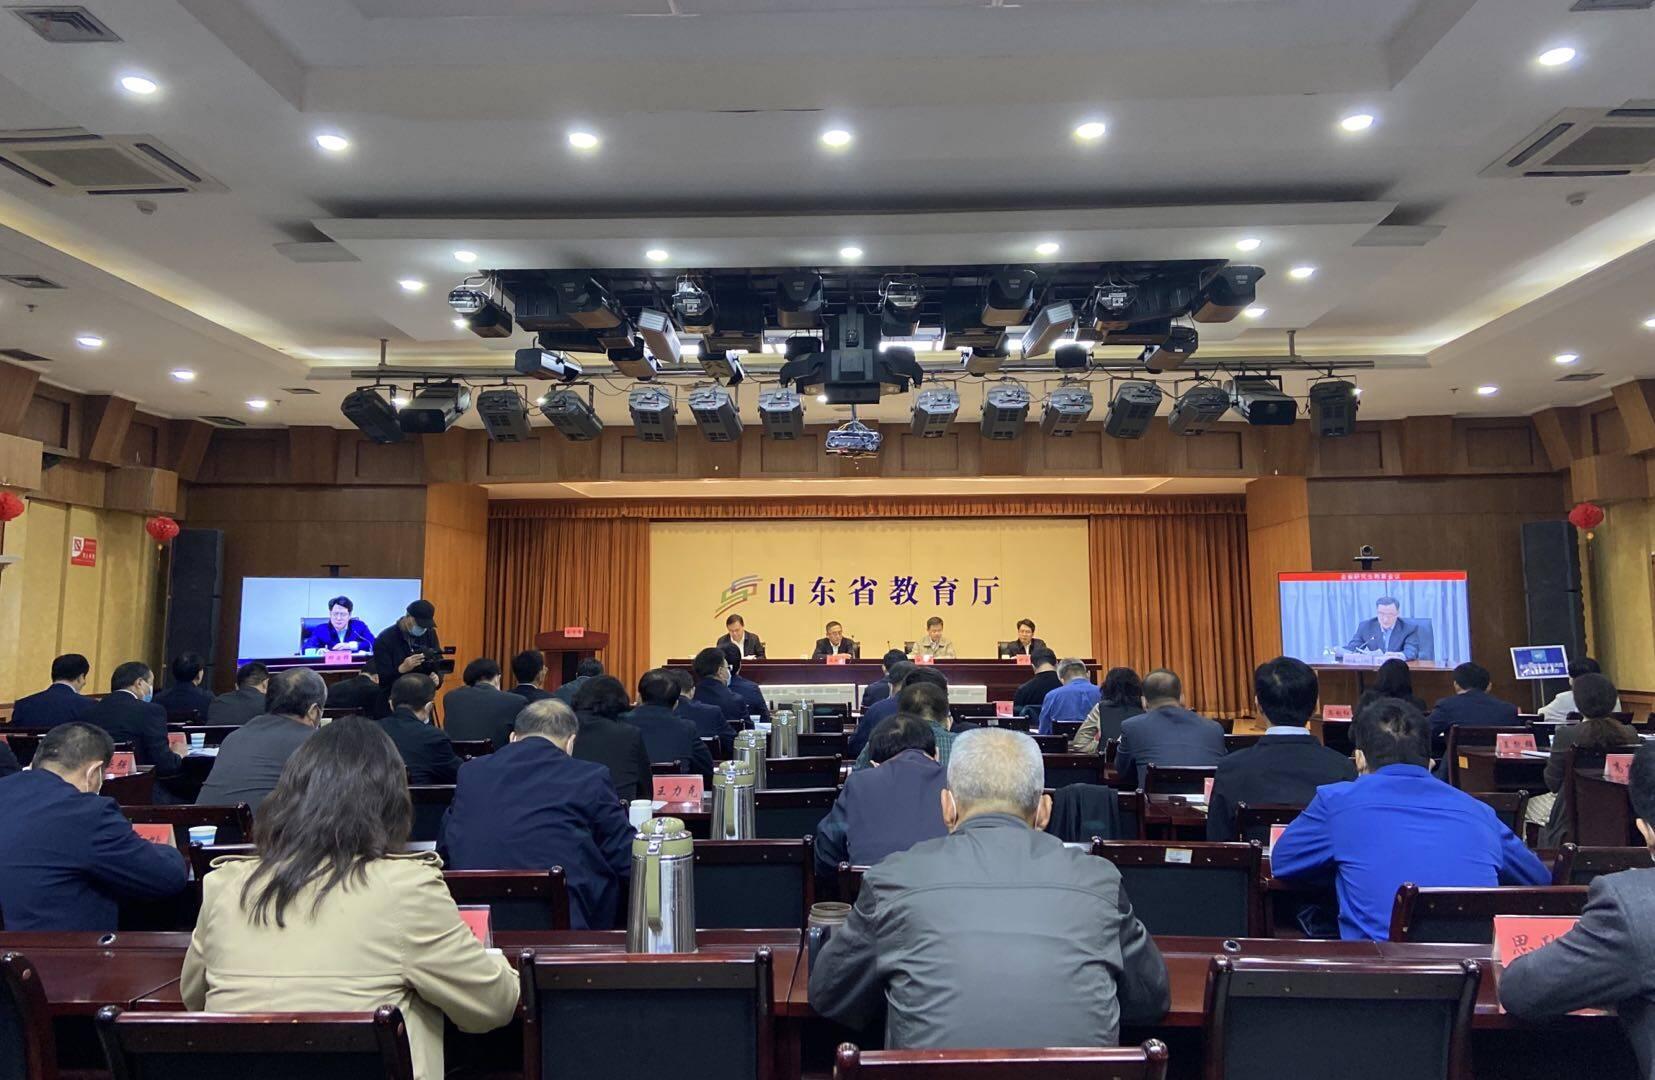 山东全省研究生教育会议在济南召开